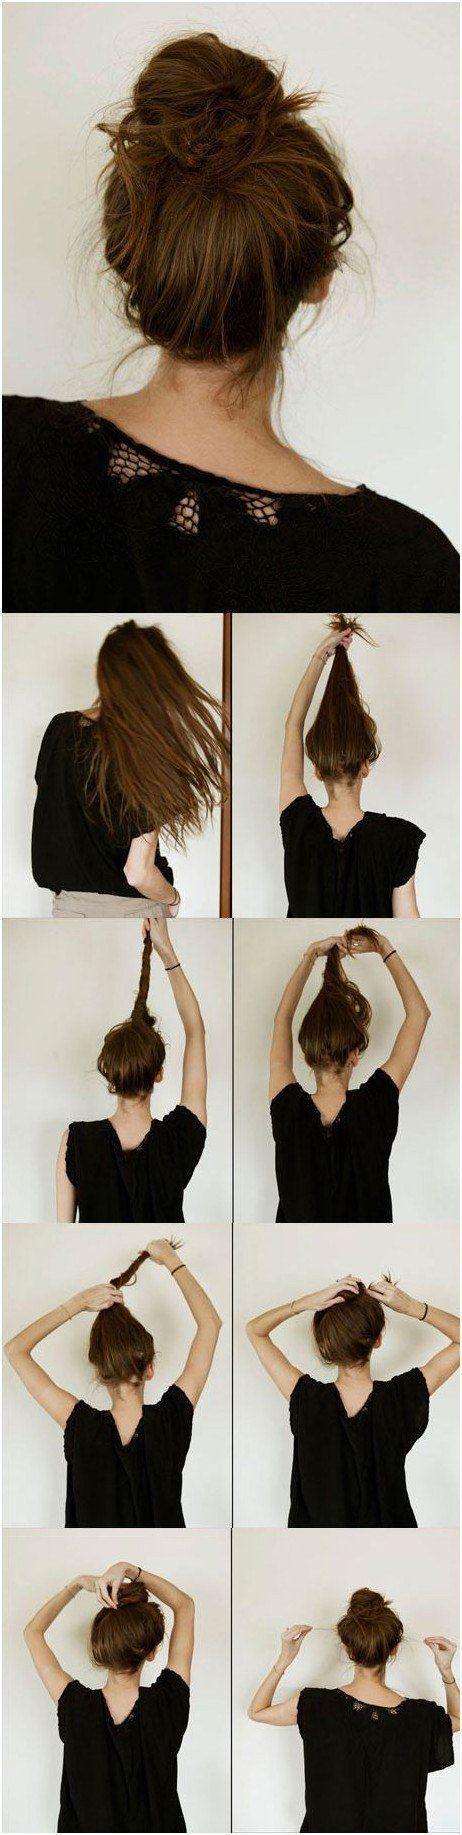 12 Easy Hair Tutorials für schöne Looks